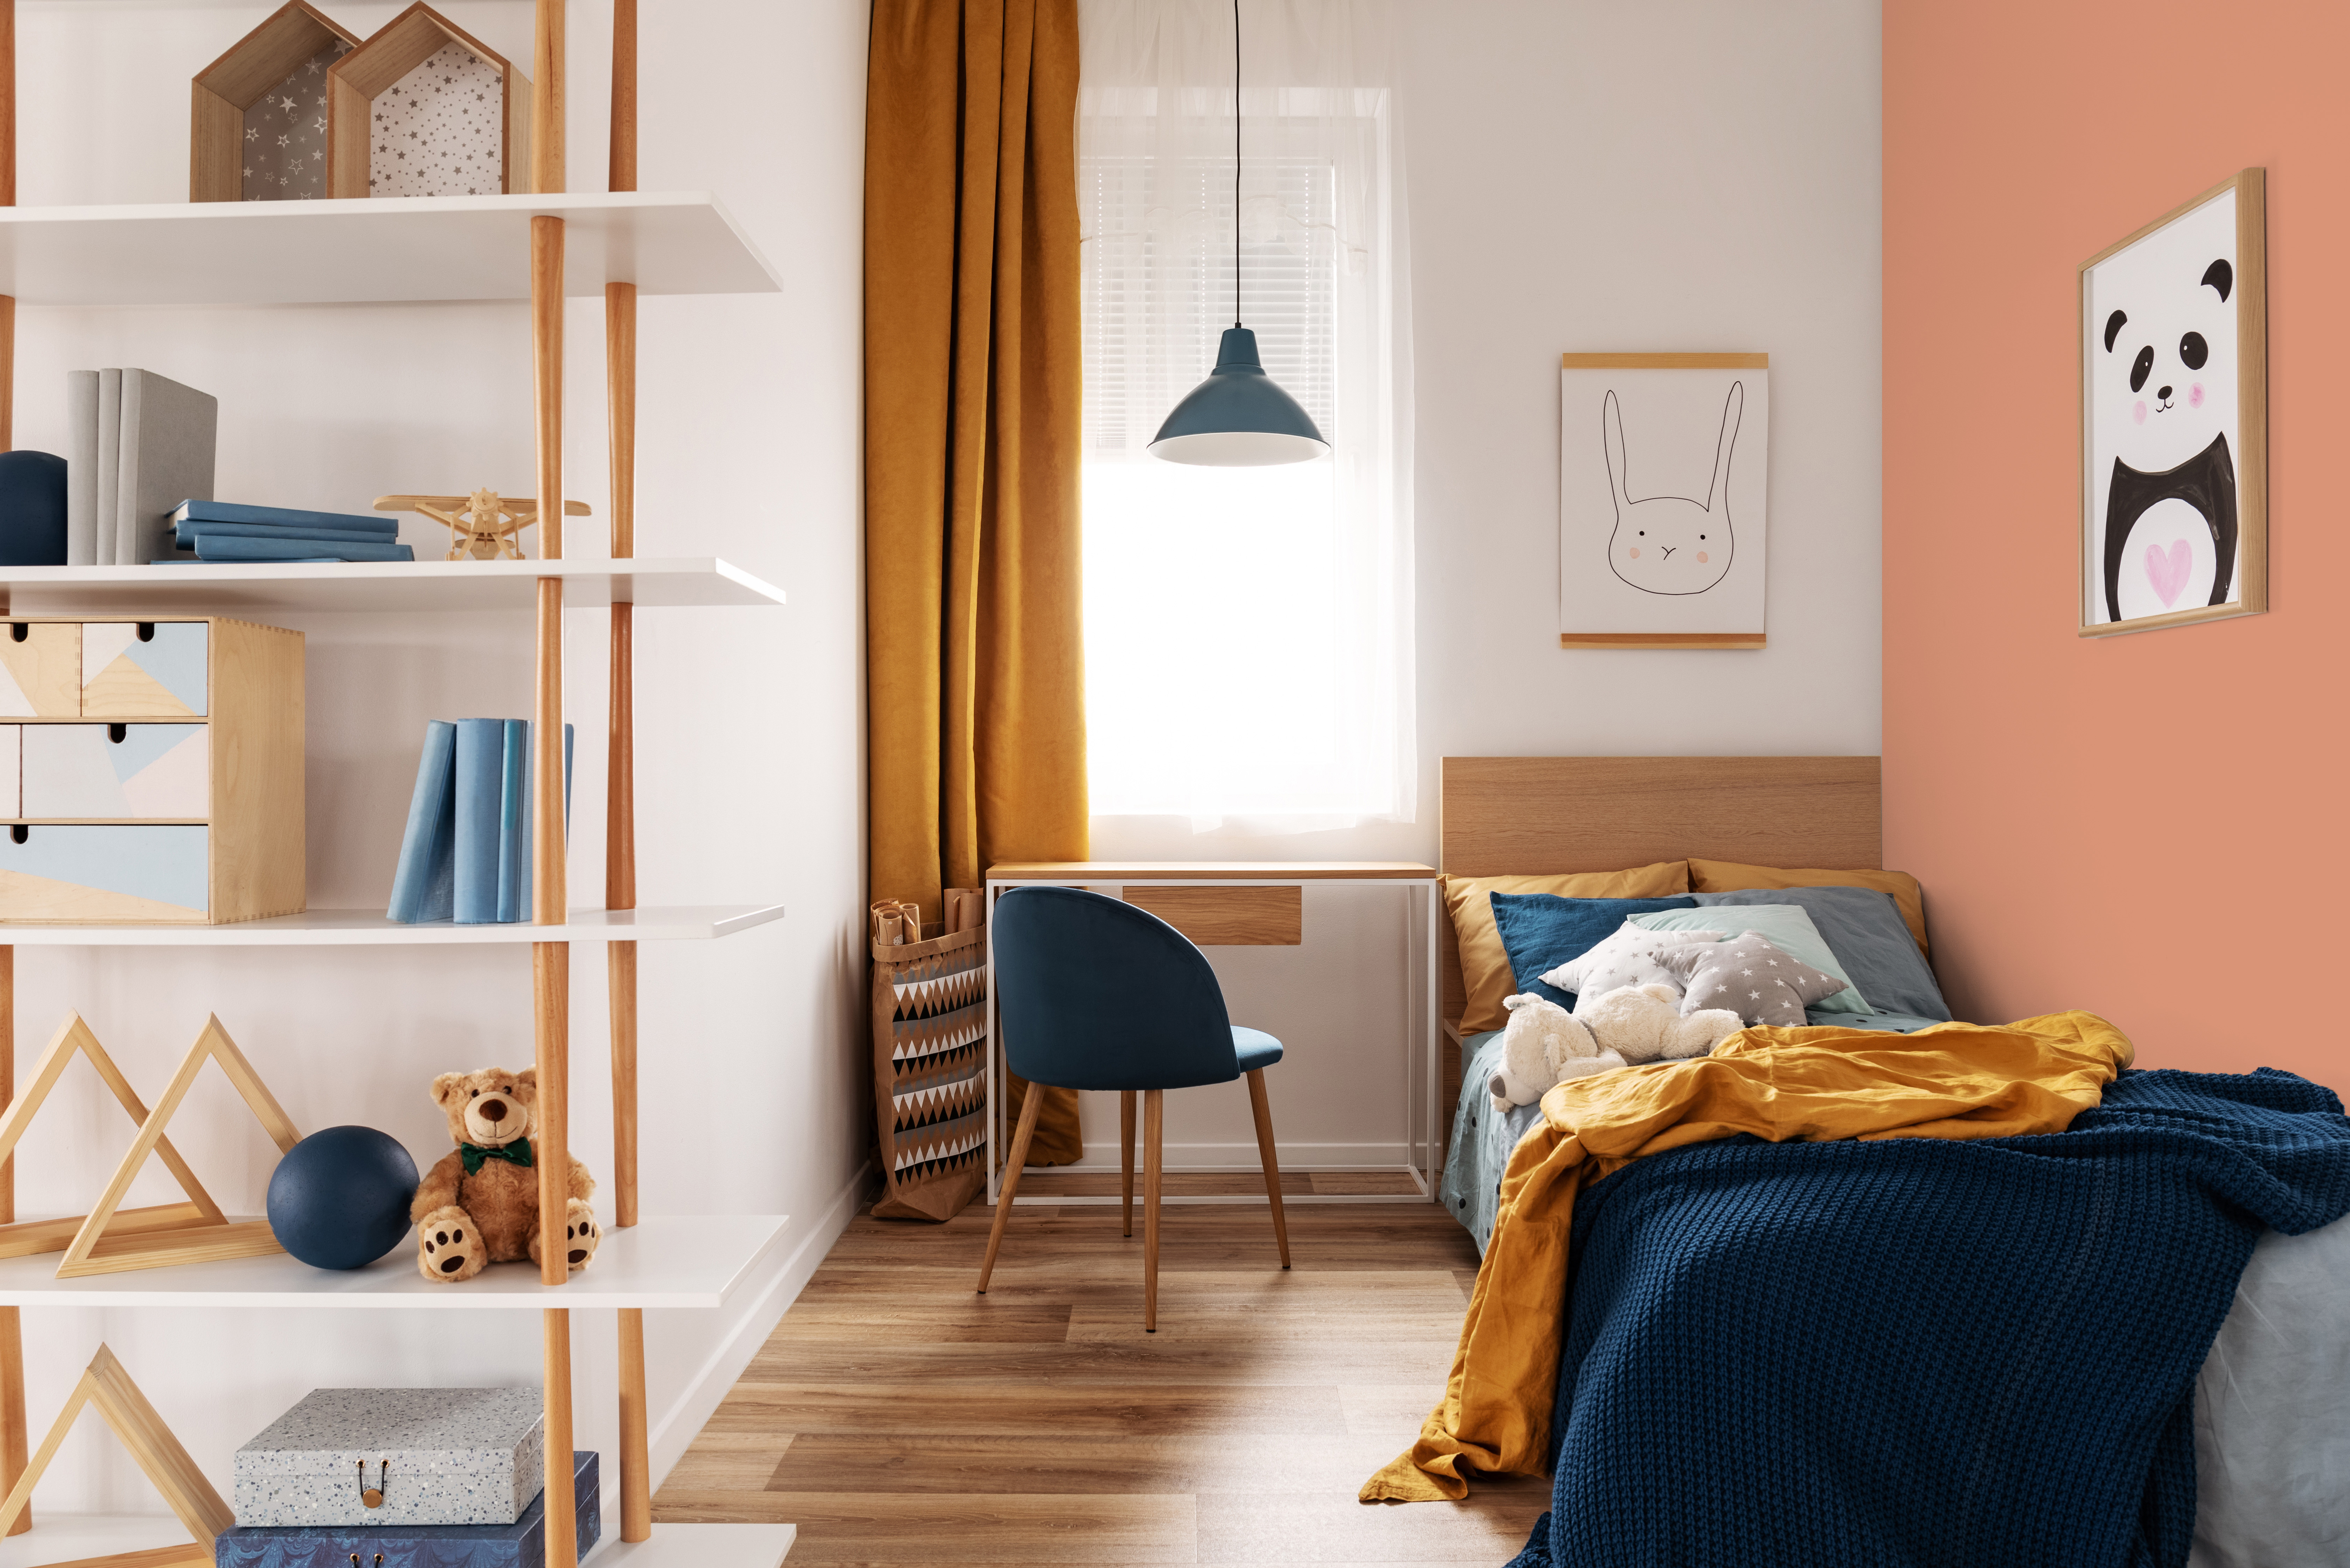 Chambre à coucher dans les tons blanc, moutarde et bleu, mise en valeur par notre brun orangé TOMETTE - N01889 Peintures 1825